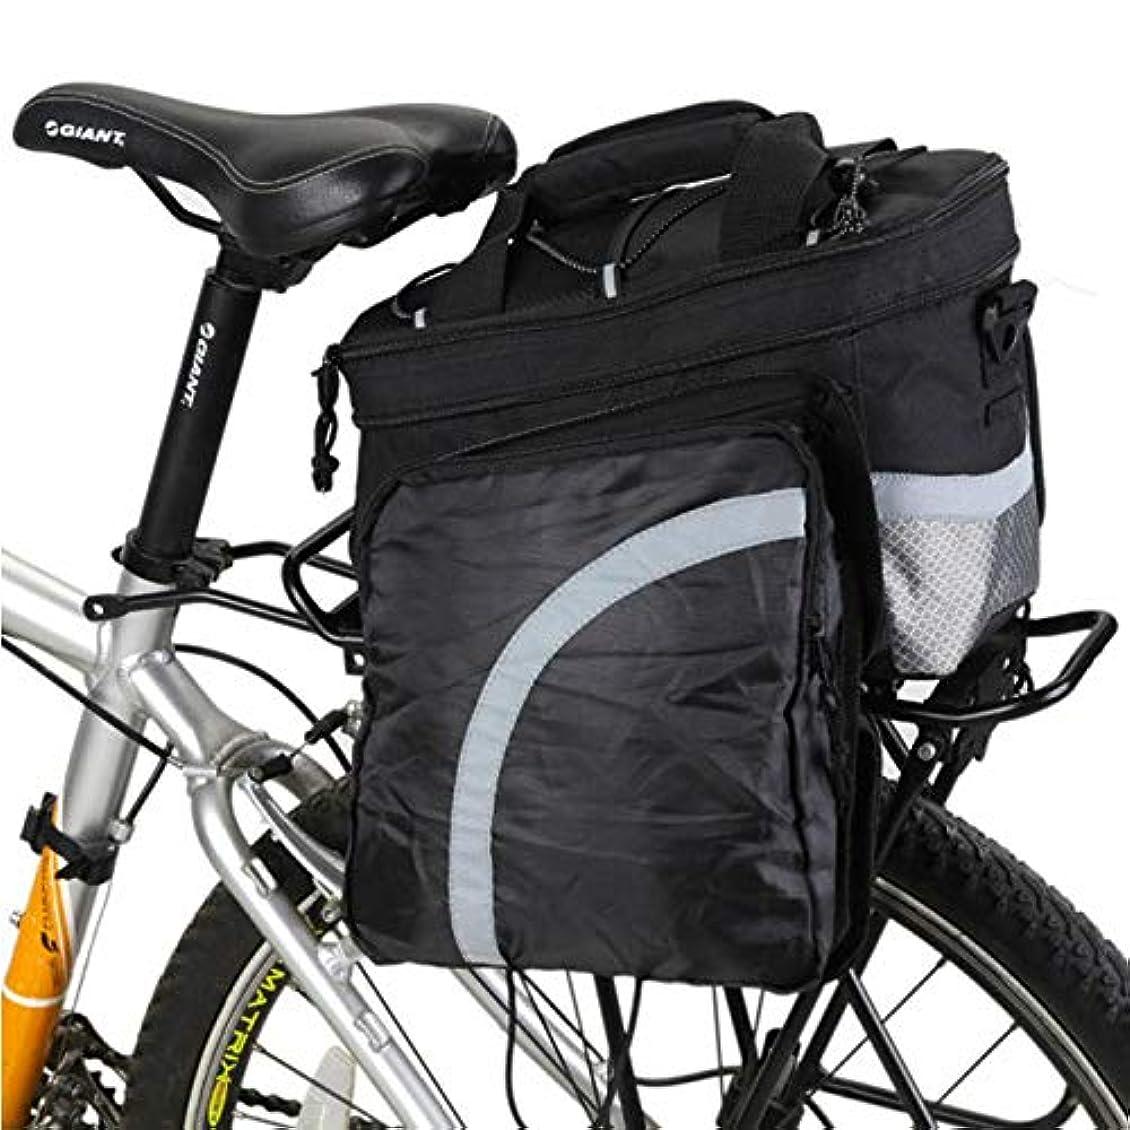 ラオス人コートご予約バイクフレームバッグ 自転車パニエトランクバッグ、大容量防水自転車リアシートパニエフィット 取り外し可能ショルダーストラップ